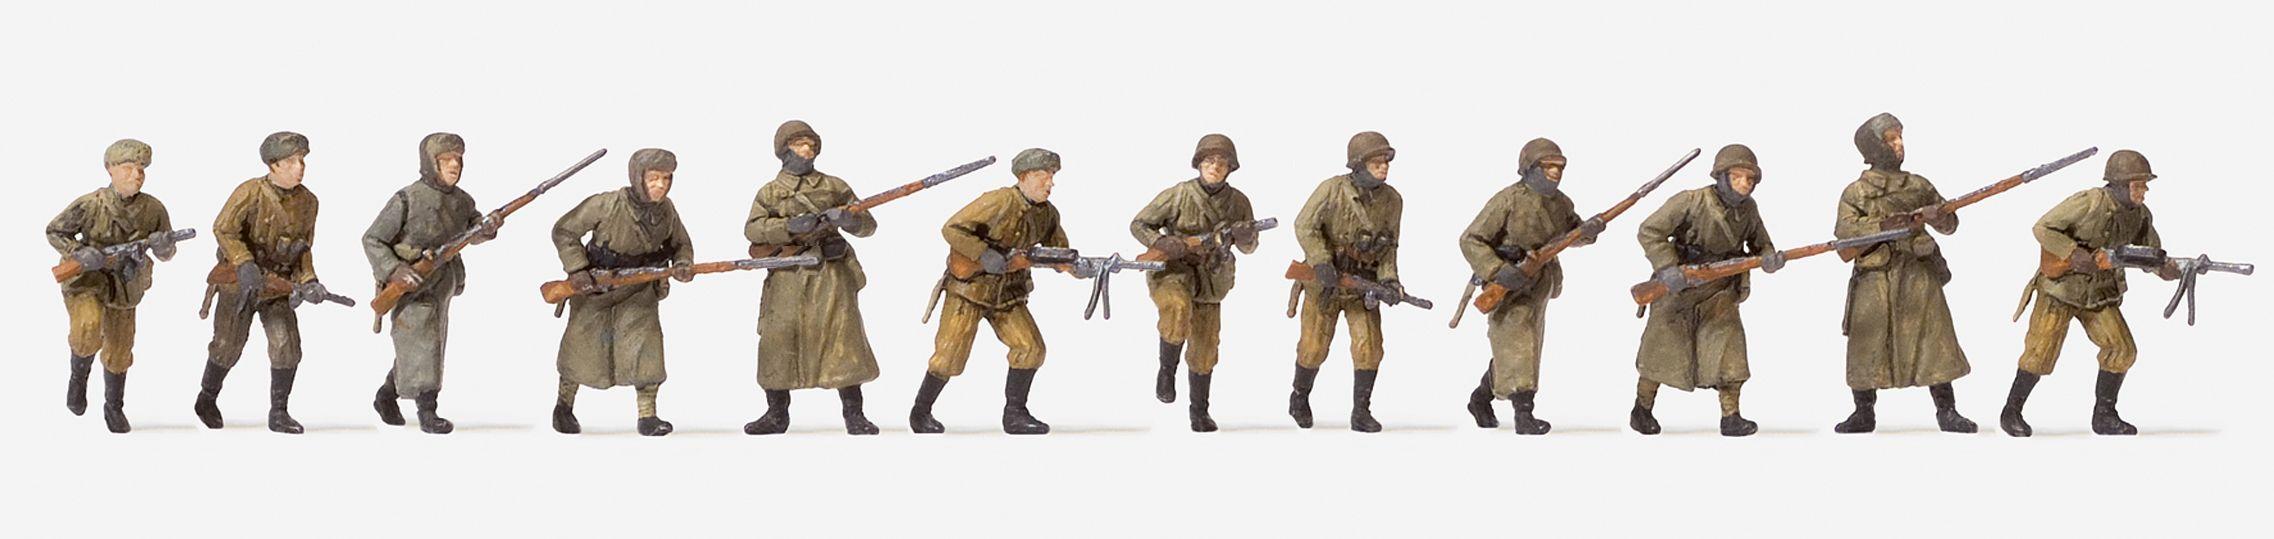 1:72 UdSSR Infanterie angreifend in Winteruniform - Preiser 72540 12 unbemalte Figuren | günstig bestellen bei Modelleisenbahn Center  MCS Vertriebs GmbH